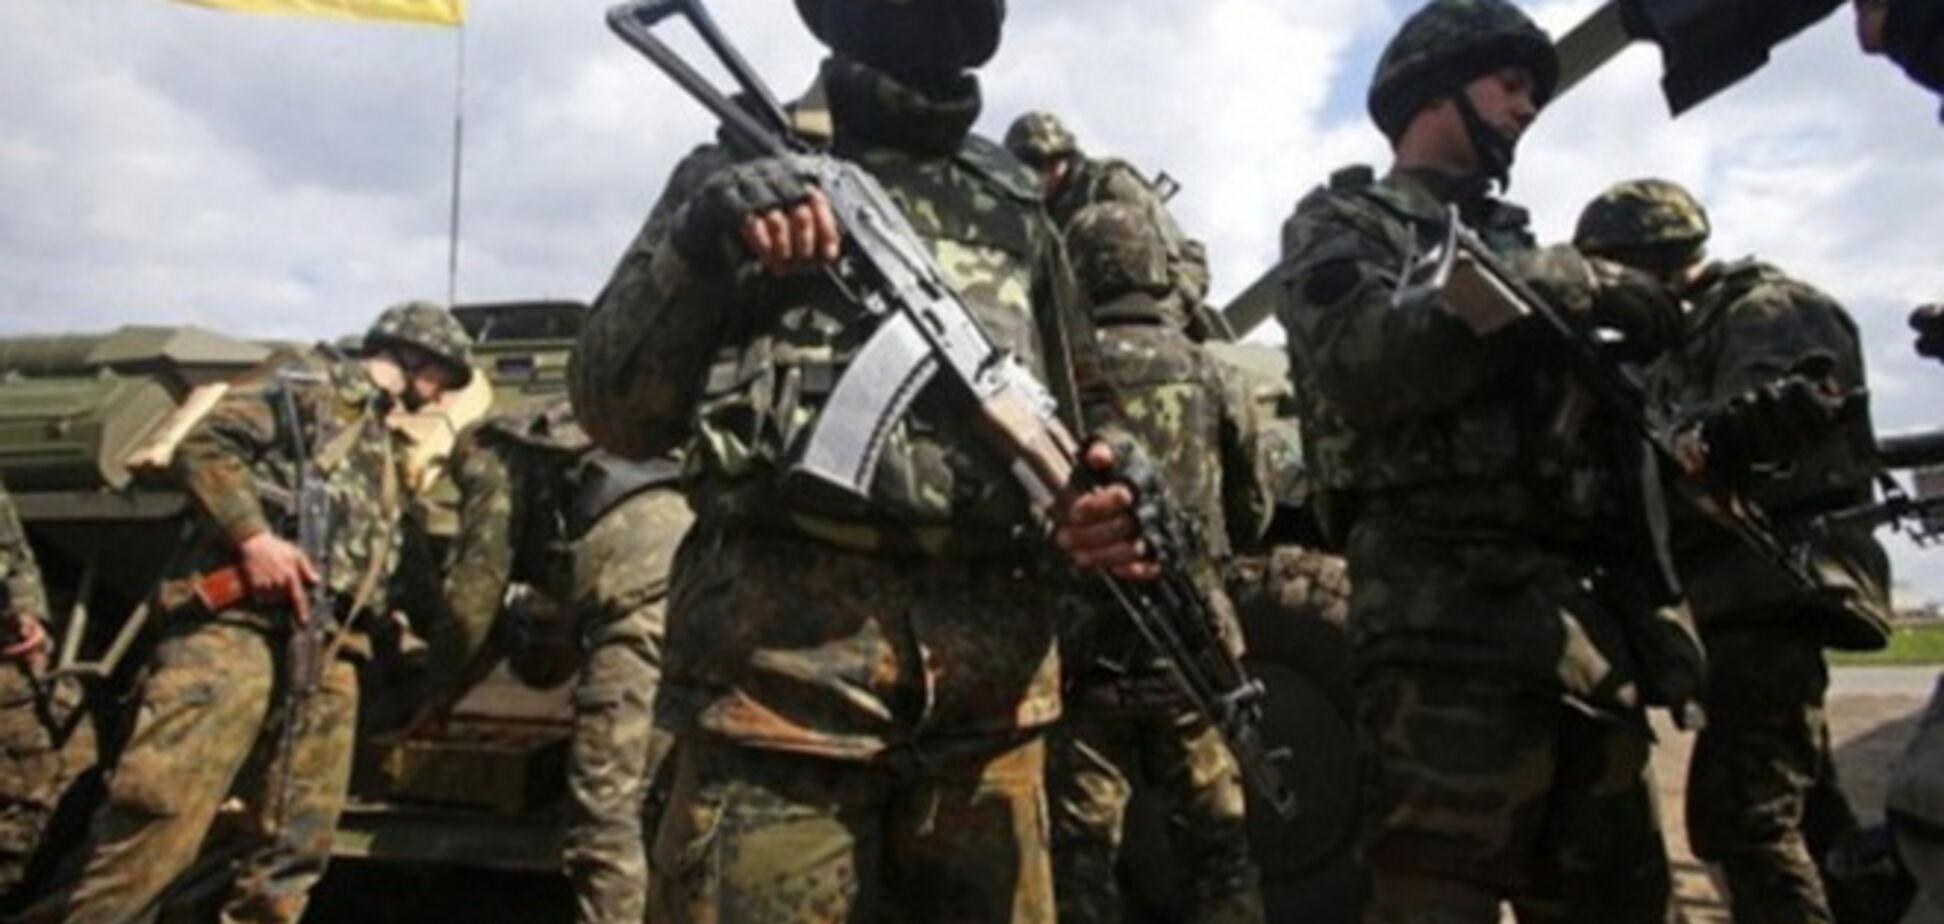 В МВД рассказали, сколько у них похитили оружия и как его изымают у украинцев